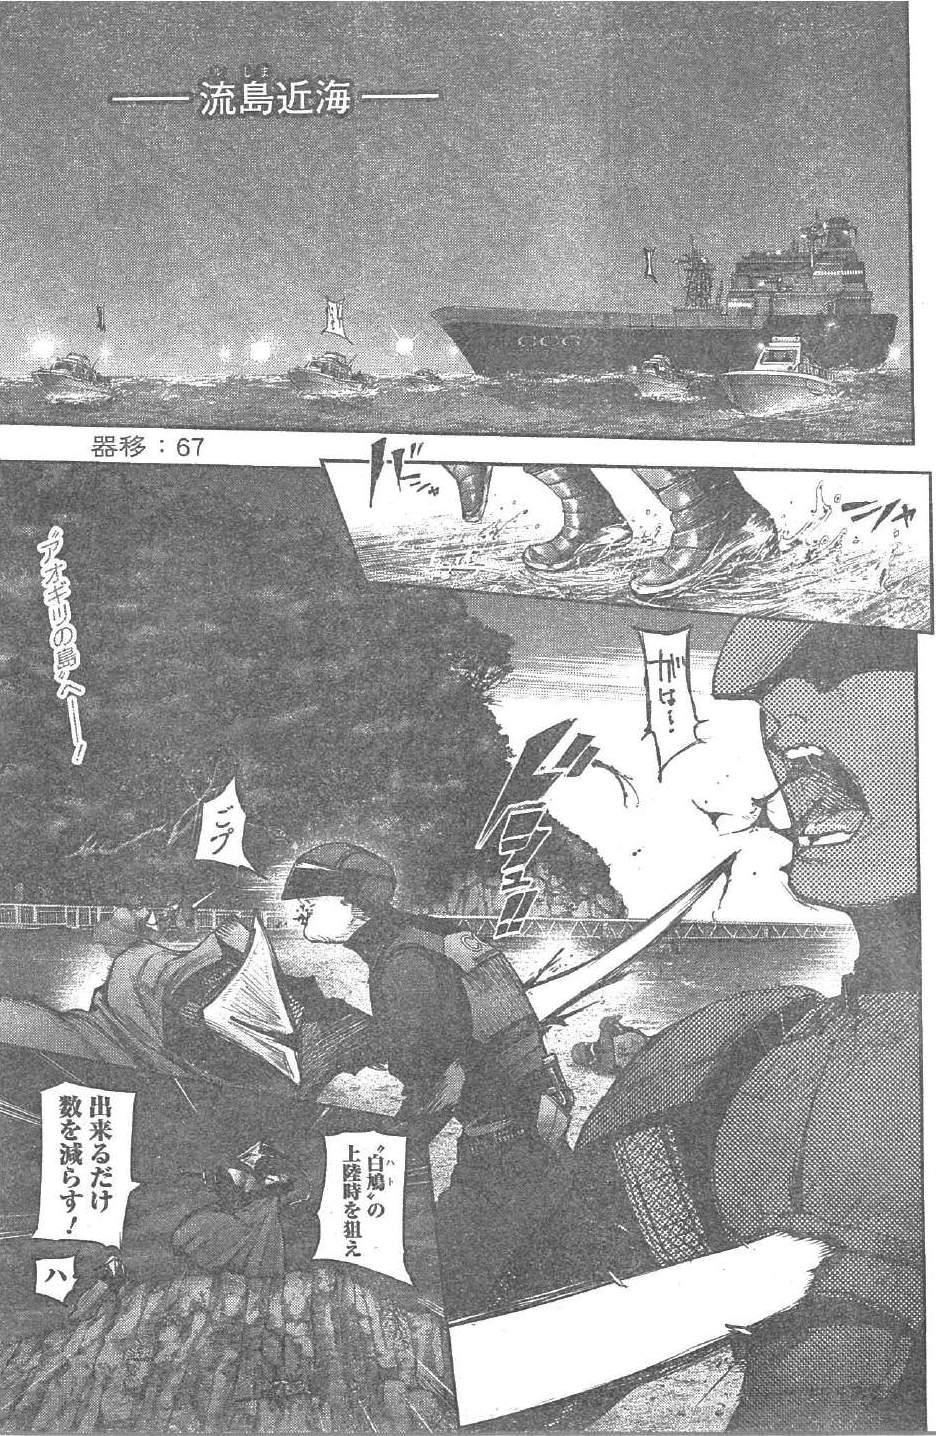 東京グール ネタバレ